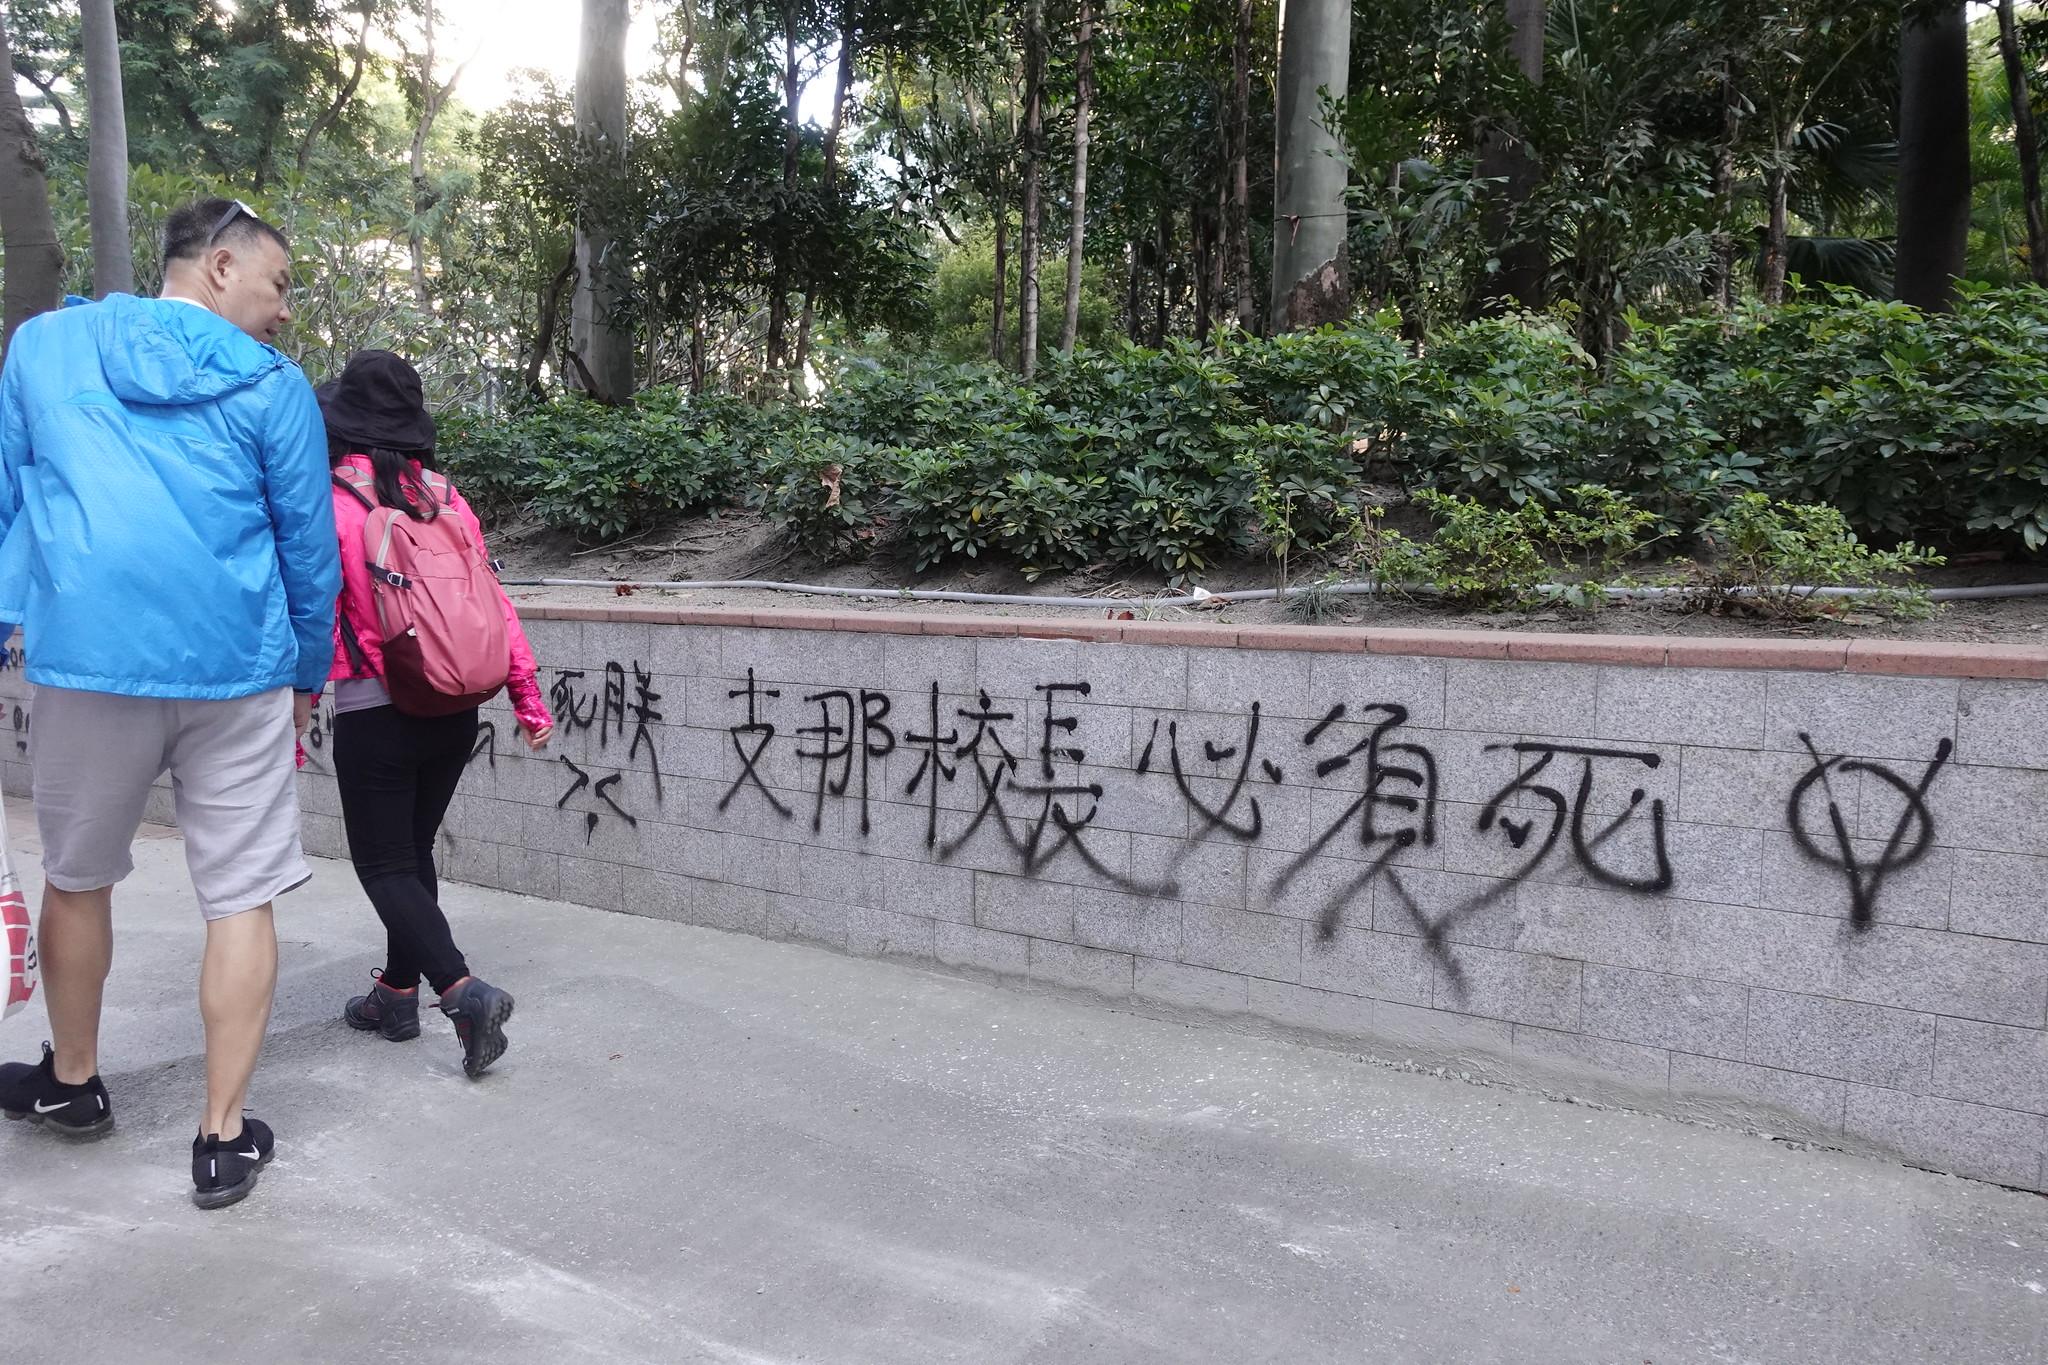 靠近理工大學的街上有人塗鴉「支那校長必須死」。(攝影:張智琦)